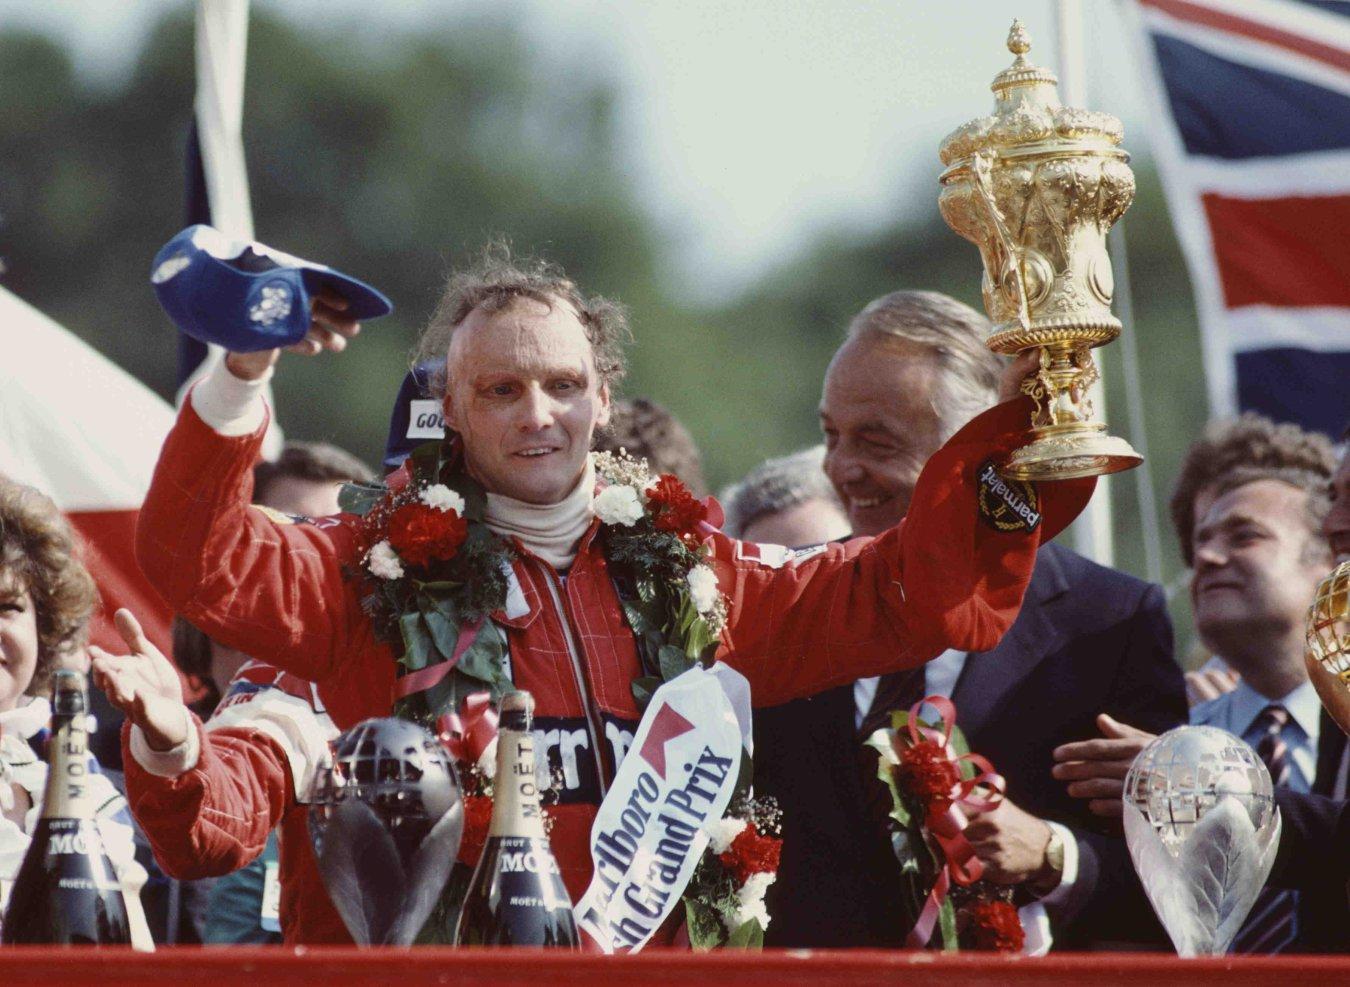 La carrera de Niki Lauda en imágenes